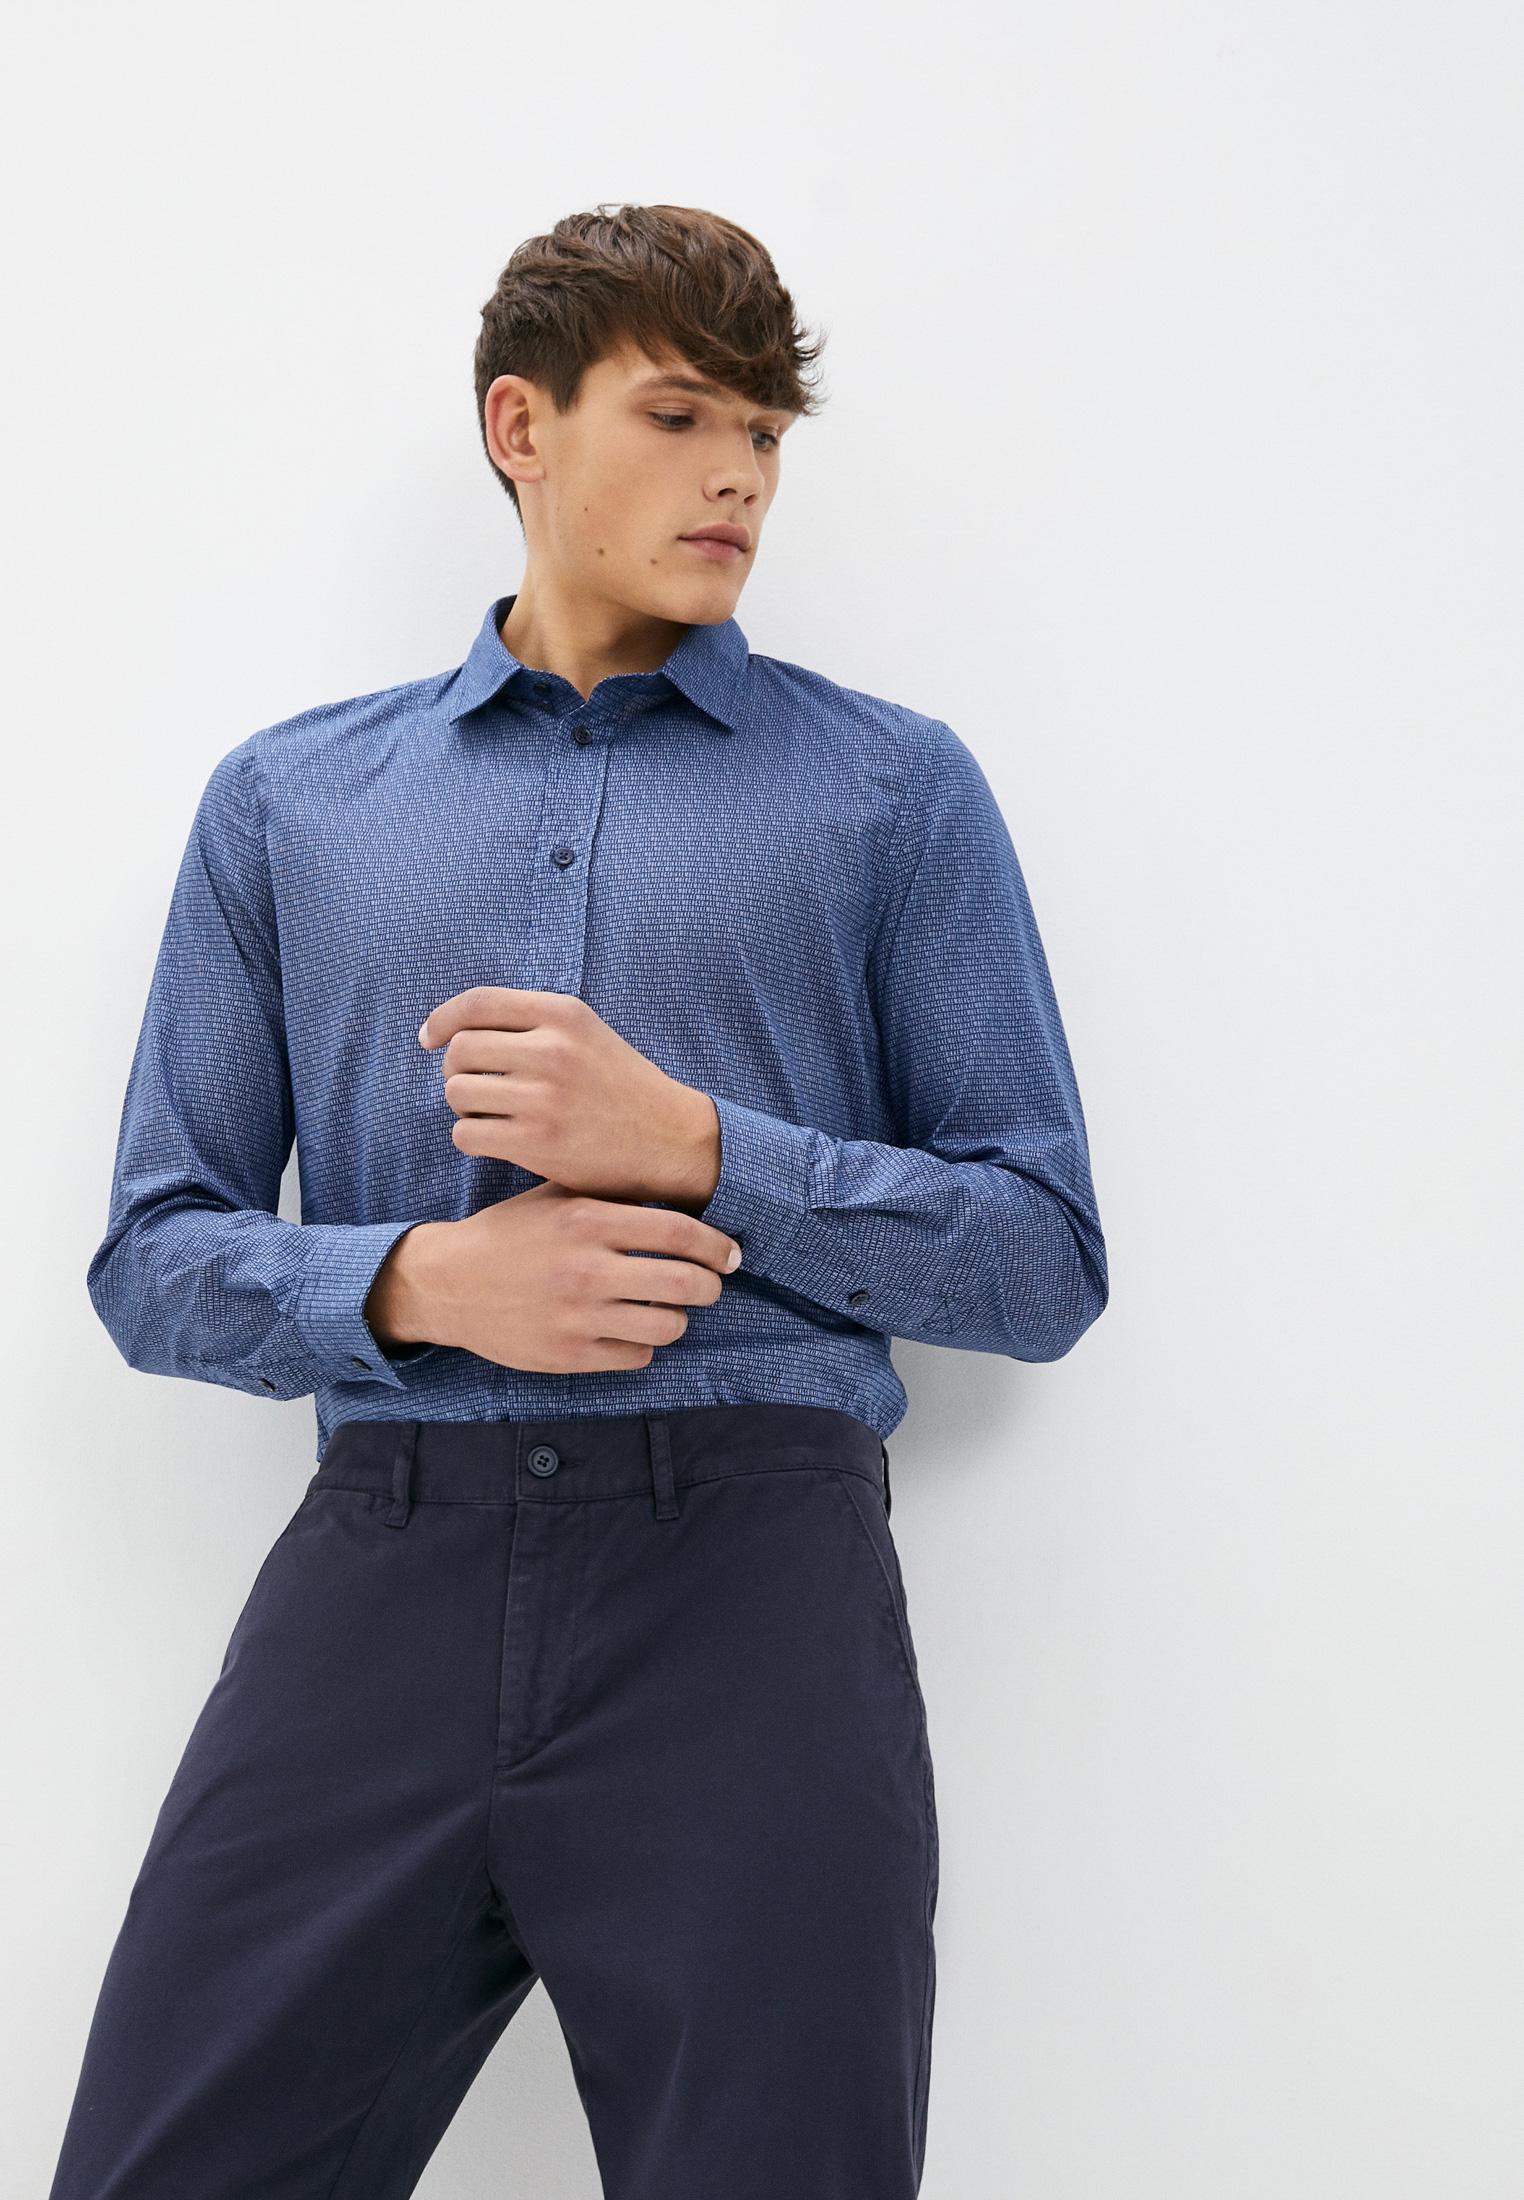 Рубашка с длинным рукавом Bikkembergs (Биккембергс) C C 009 00 S 3353